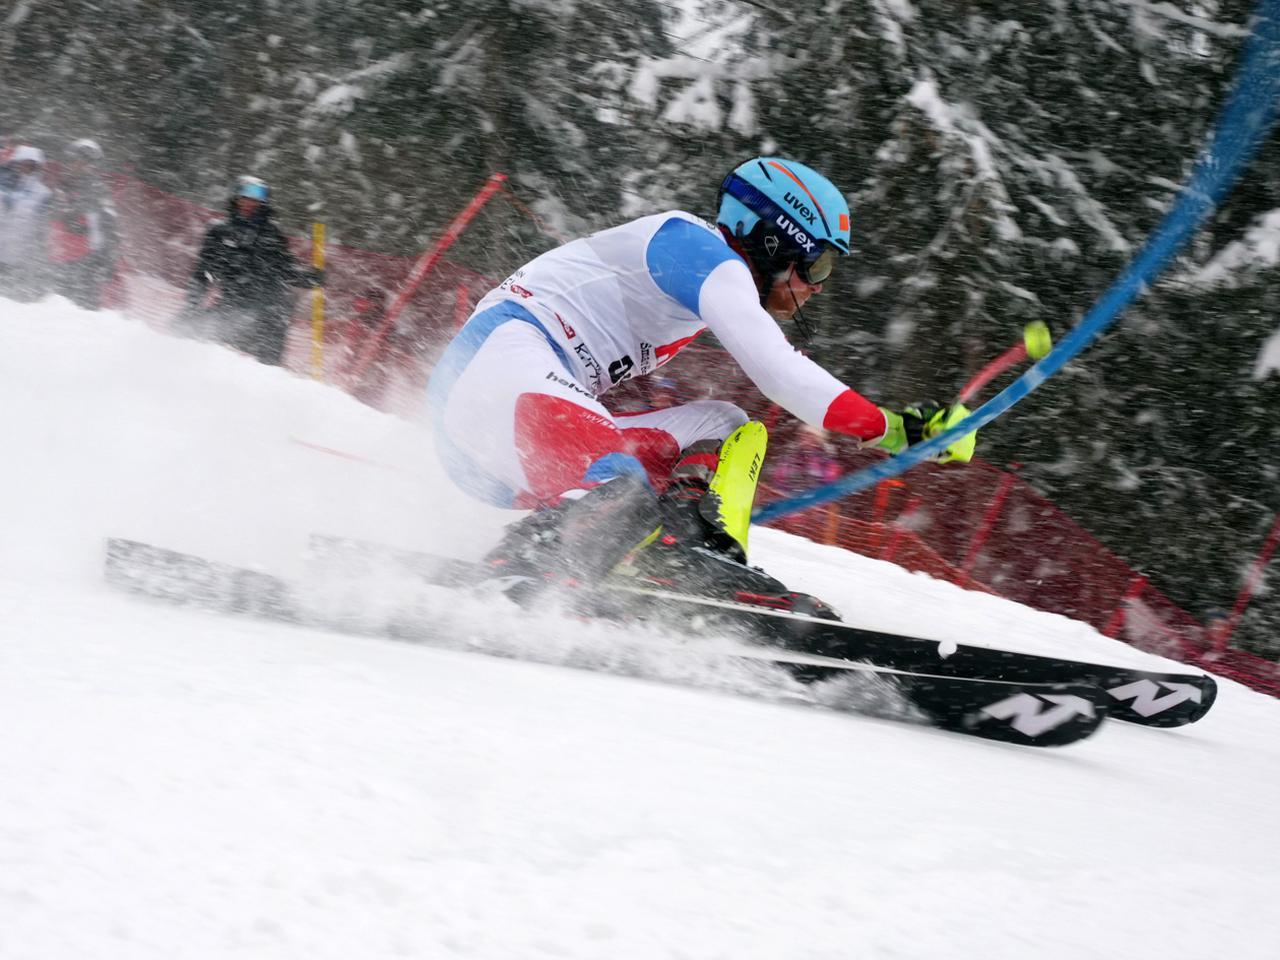 画像4: さぁ、スキーレースが始まれば被写体(レーサー)をどのように捉えるかに集中する。